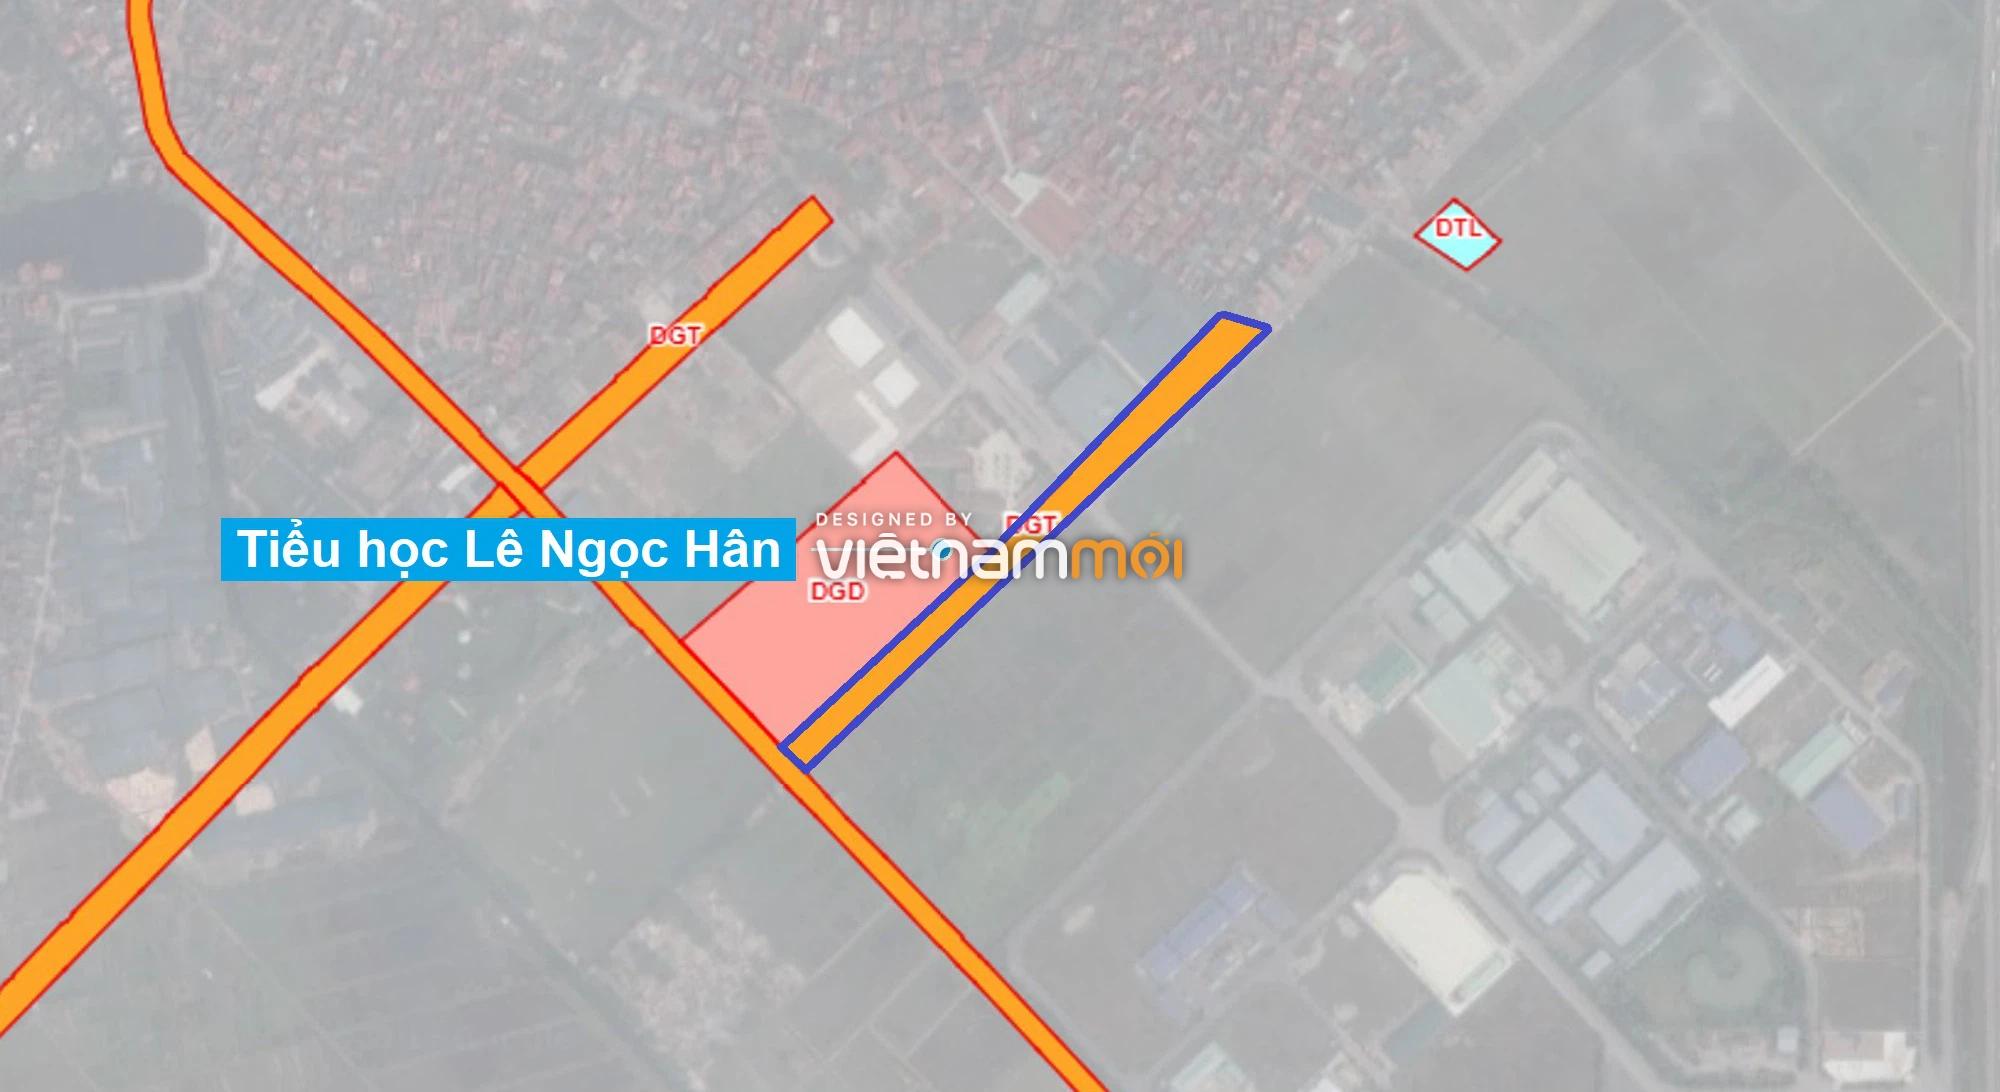 Những khu đất sắp thu hồi để mở đường ở huyện Gia Lâm, Hà Nội (phần 1) - Ảnh 16.